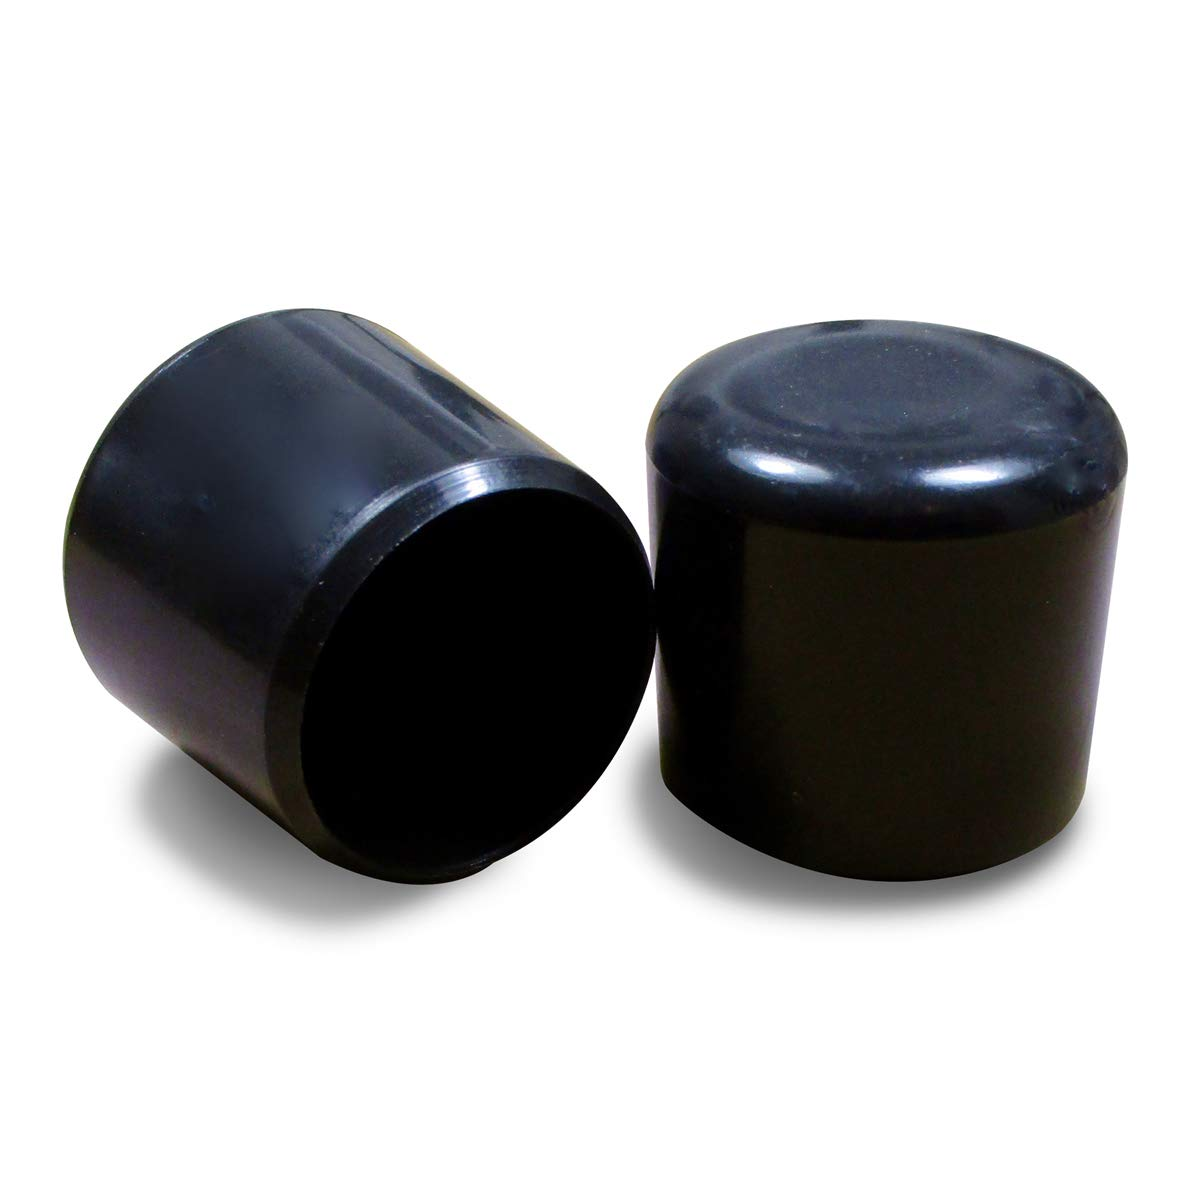 Ajile - 24 unidades - Contera plá stica redonda D: 16 mm - NEGRA - protector de suelo para patas de sillas - EVR116-L